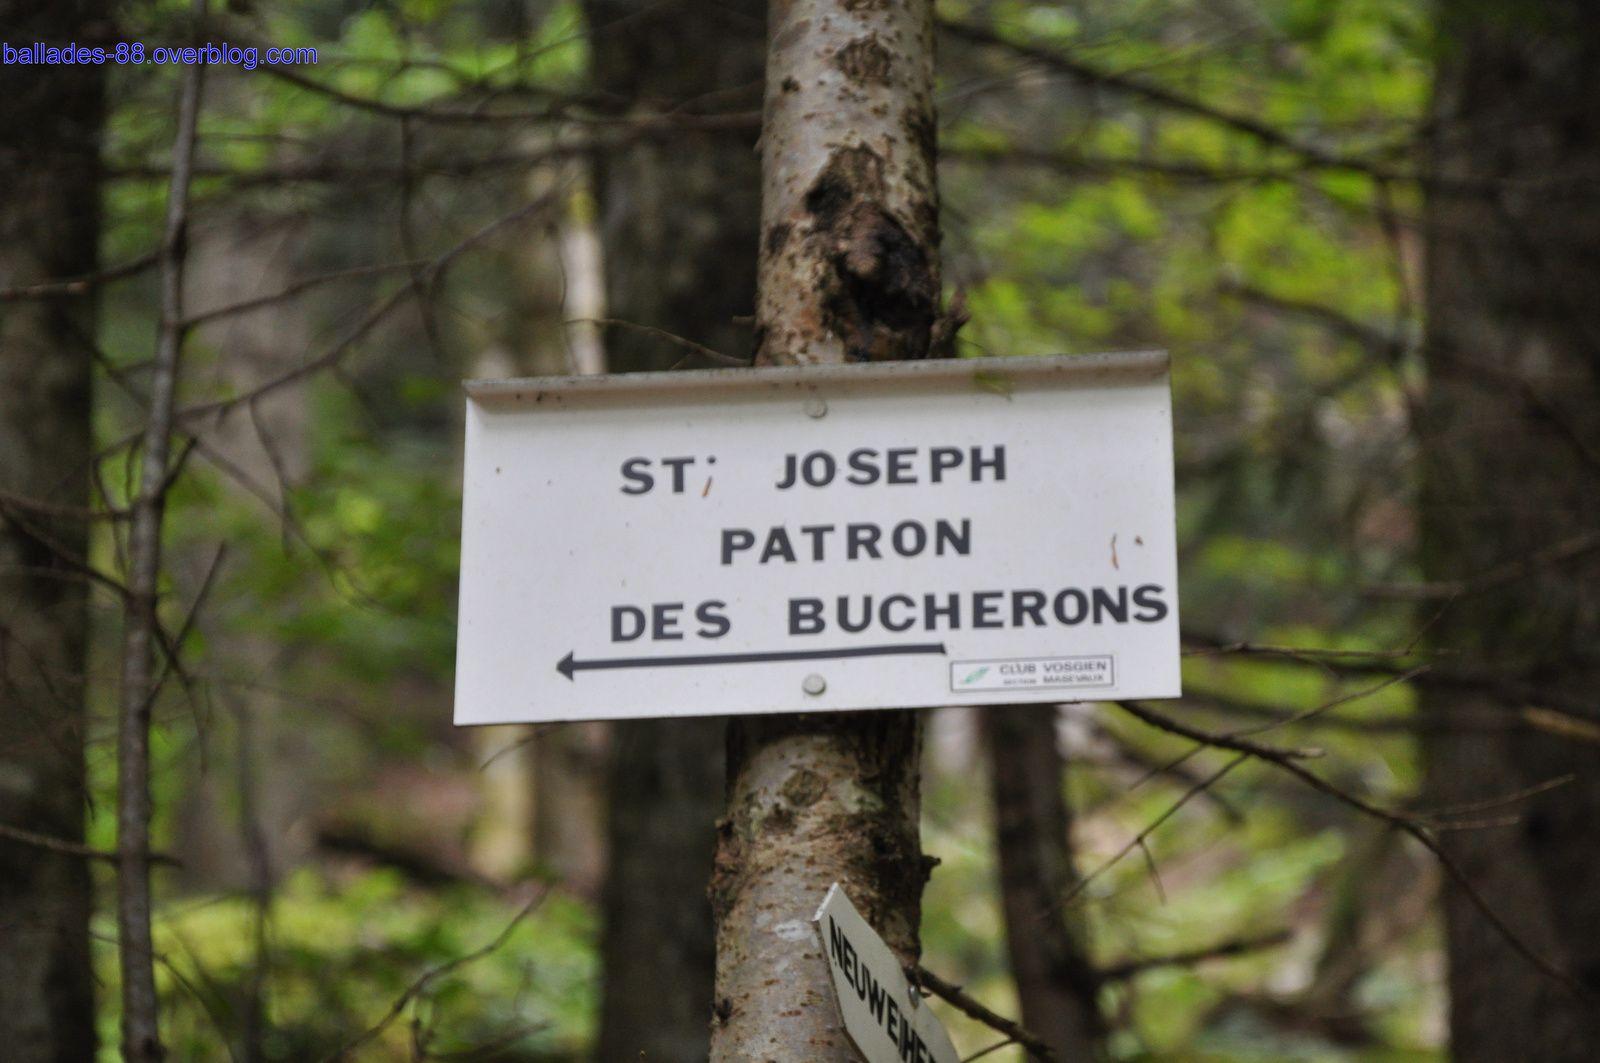 Saint Joseph ,patron des bûcherons.